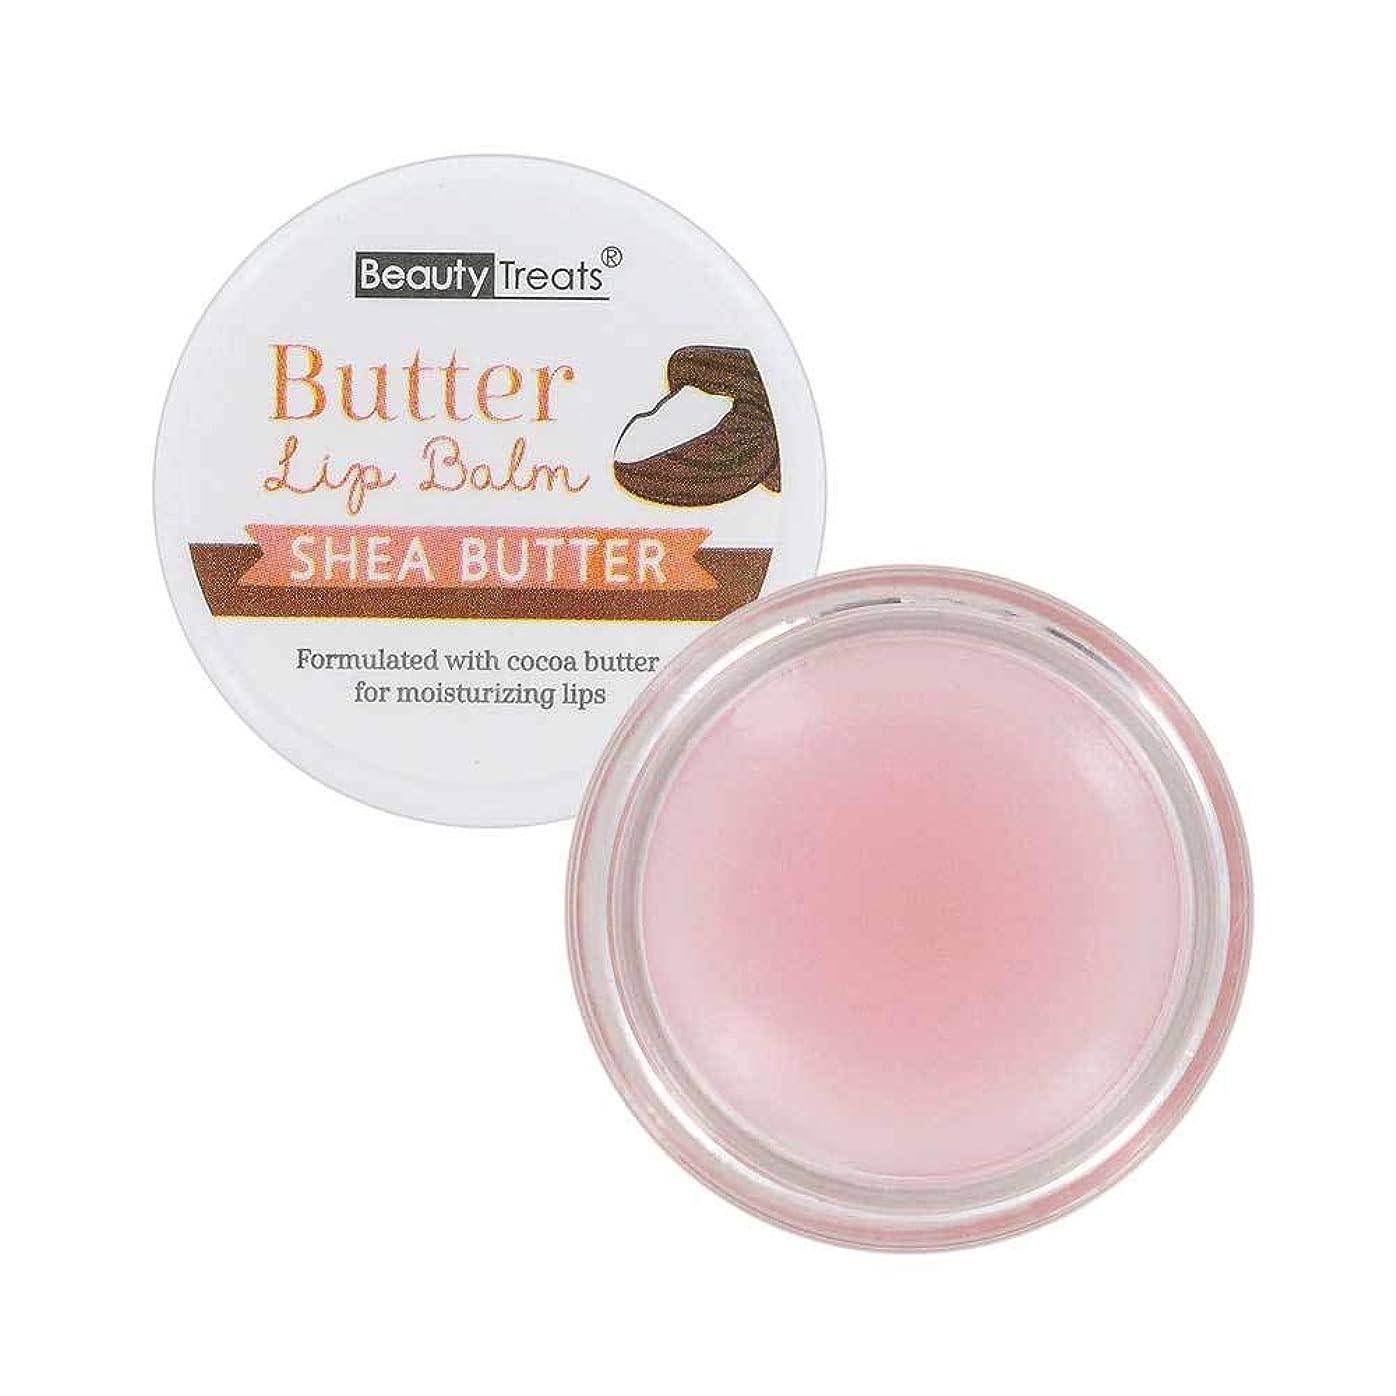 スティックのヒープ繊細BEAUTY TREATS Butter Lip Balm - Shea Butter (並行輸入品)